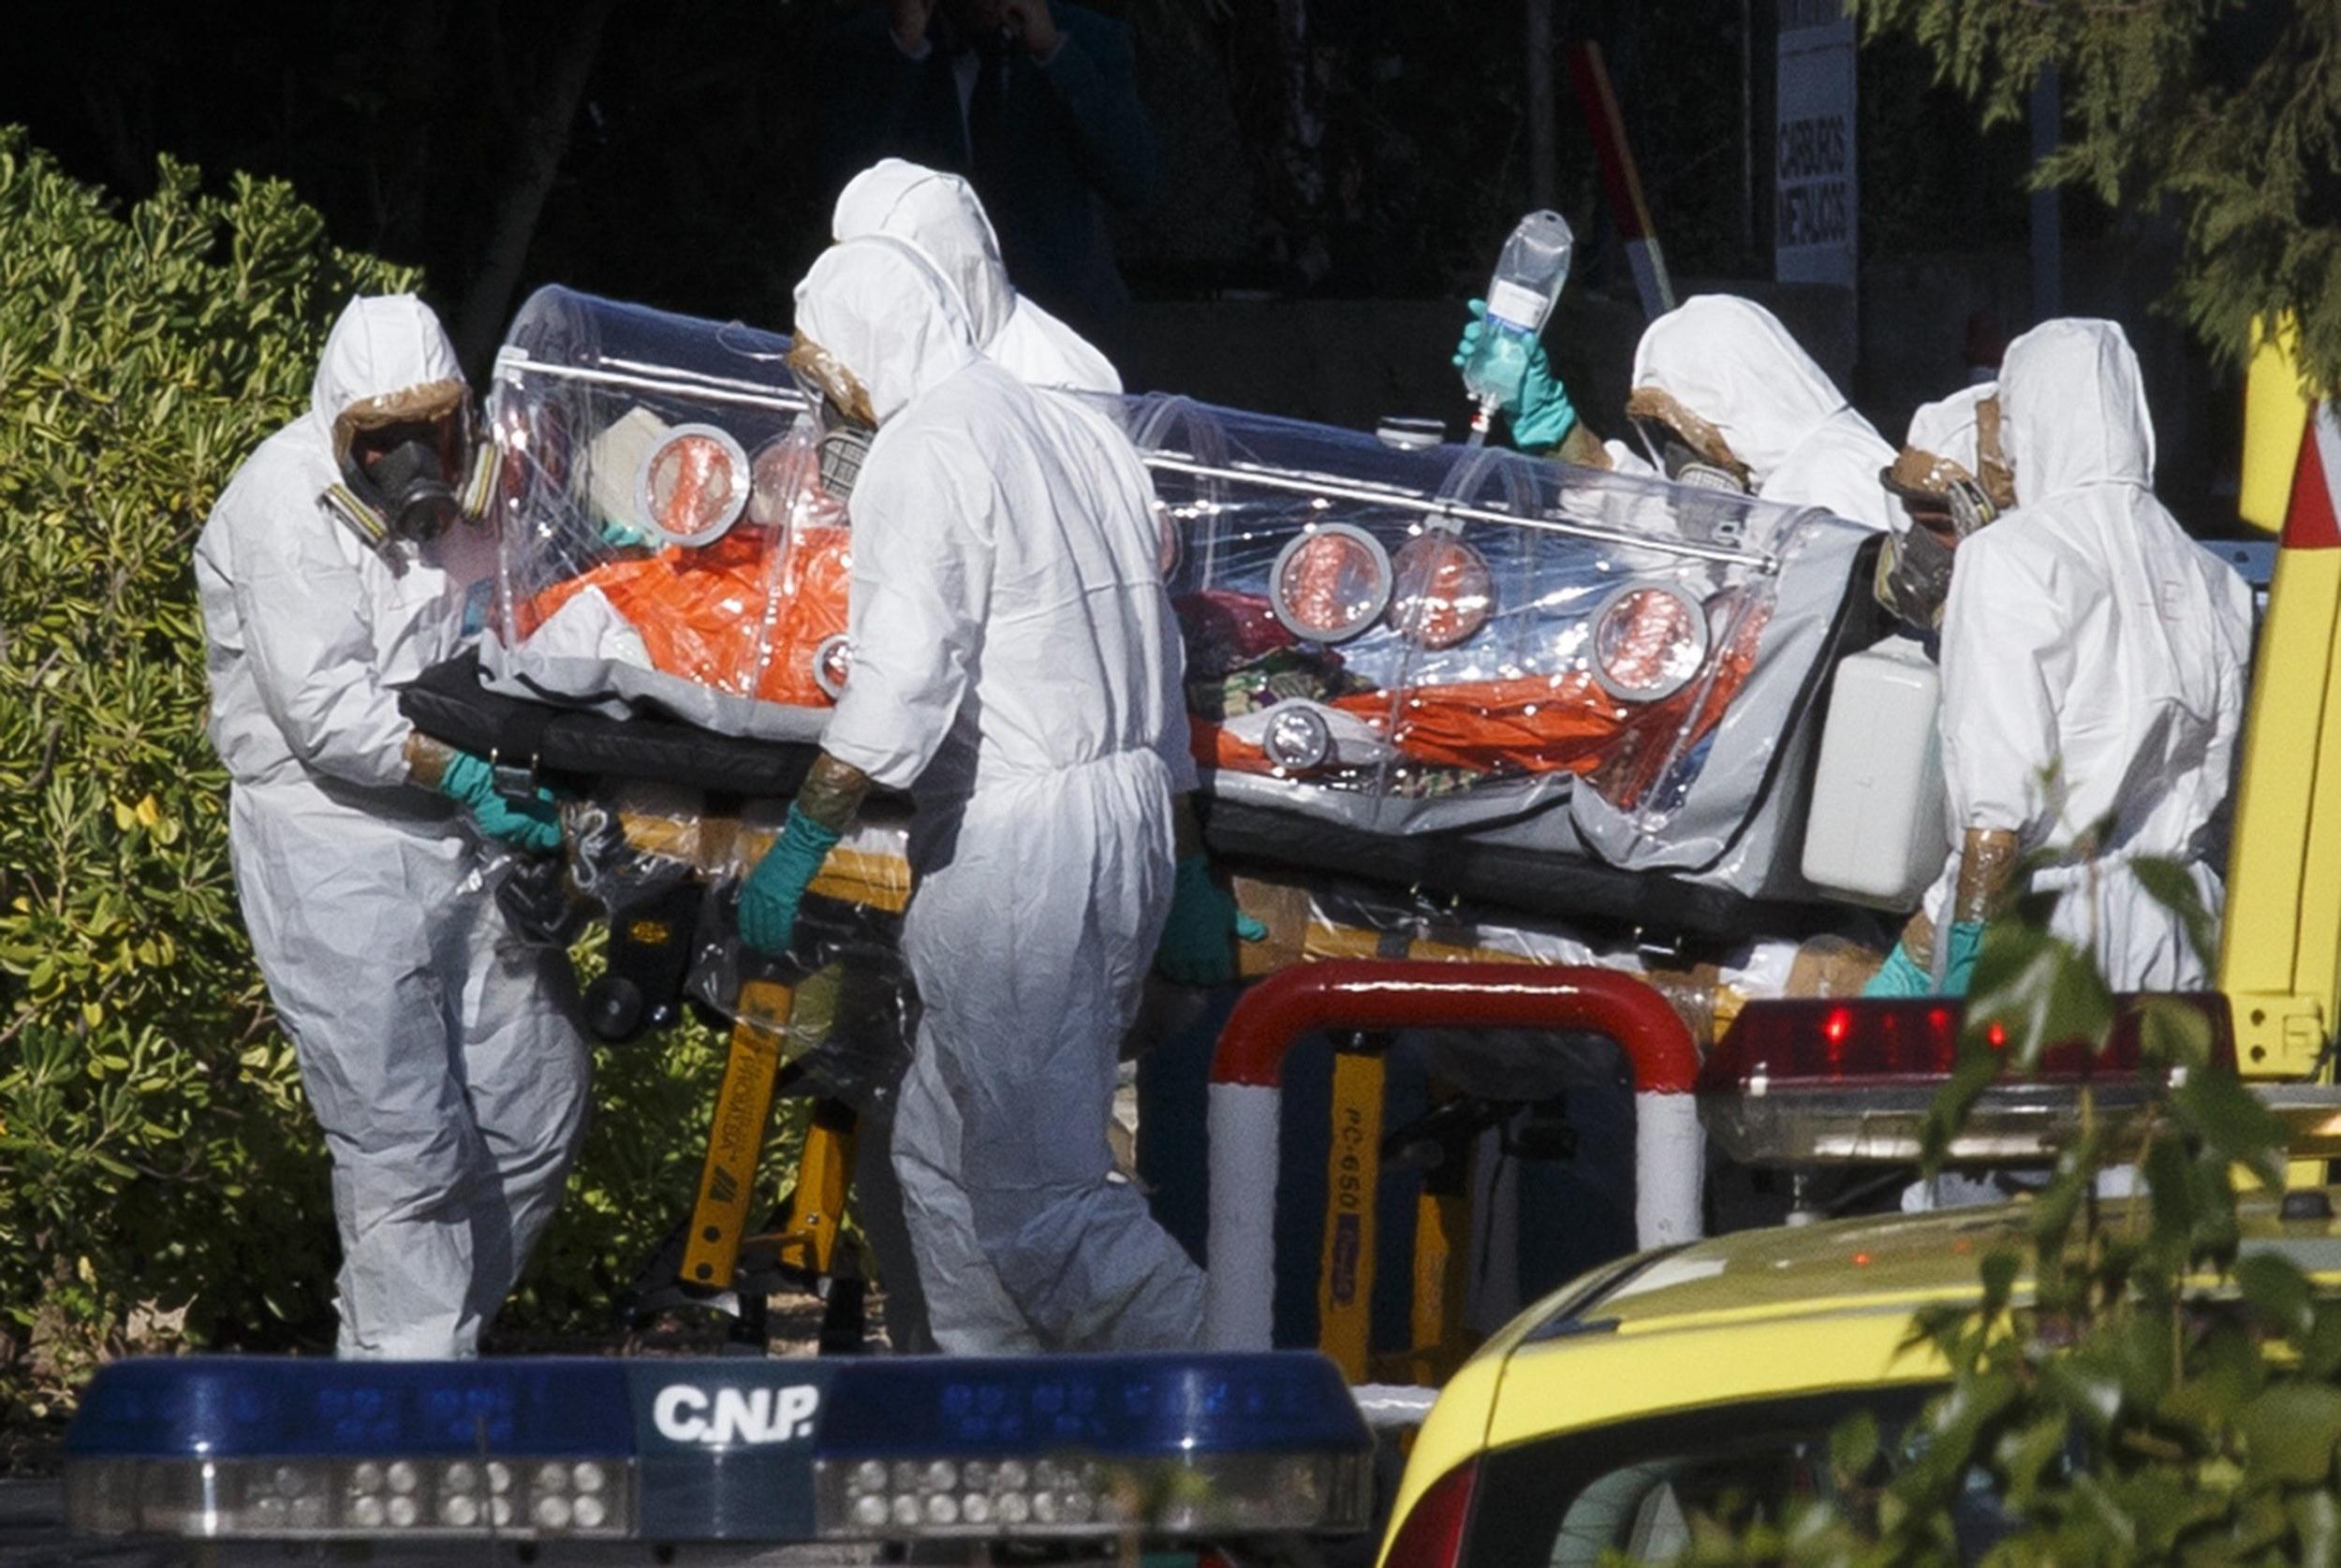 https://i2.wp.com/media3.s-nbcnews.com/i/newscms/2014_32/605416/140807-ebola-spain-7a_467e254a065a484d2c28f83b36a56d08.jpg